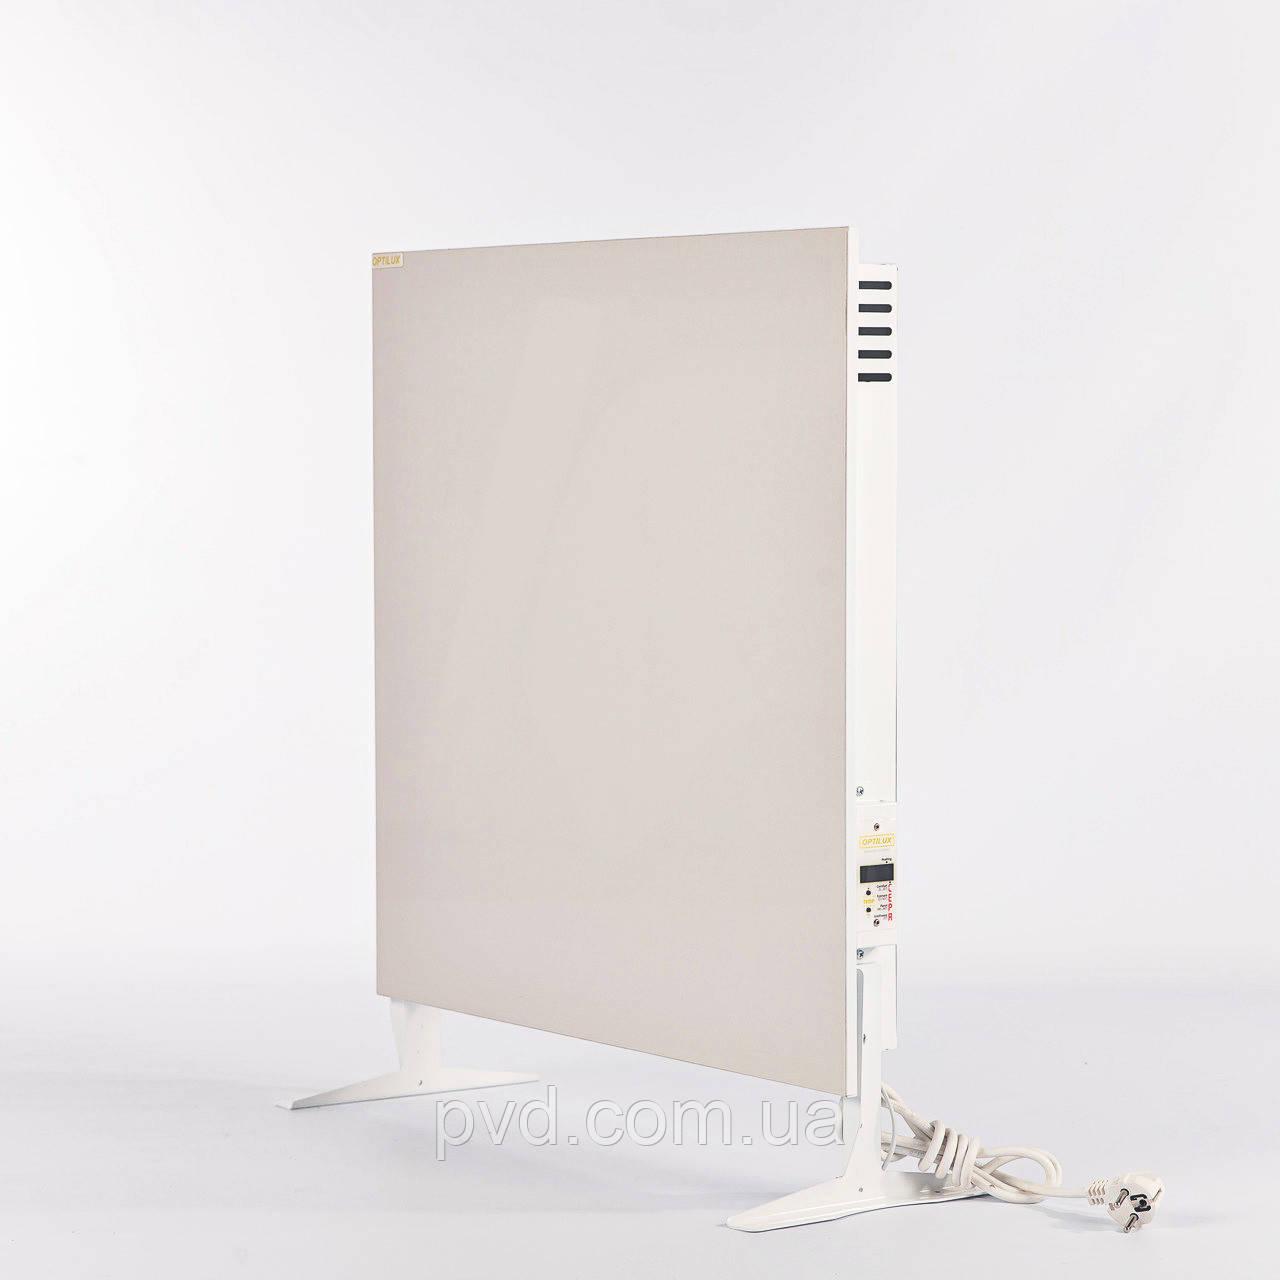 Керамічний обігрівач Optilux РК1100НВ (білий)